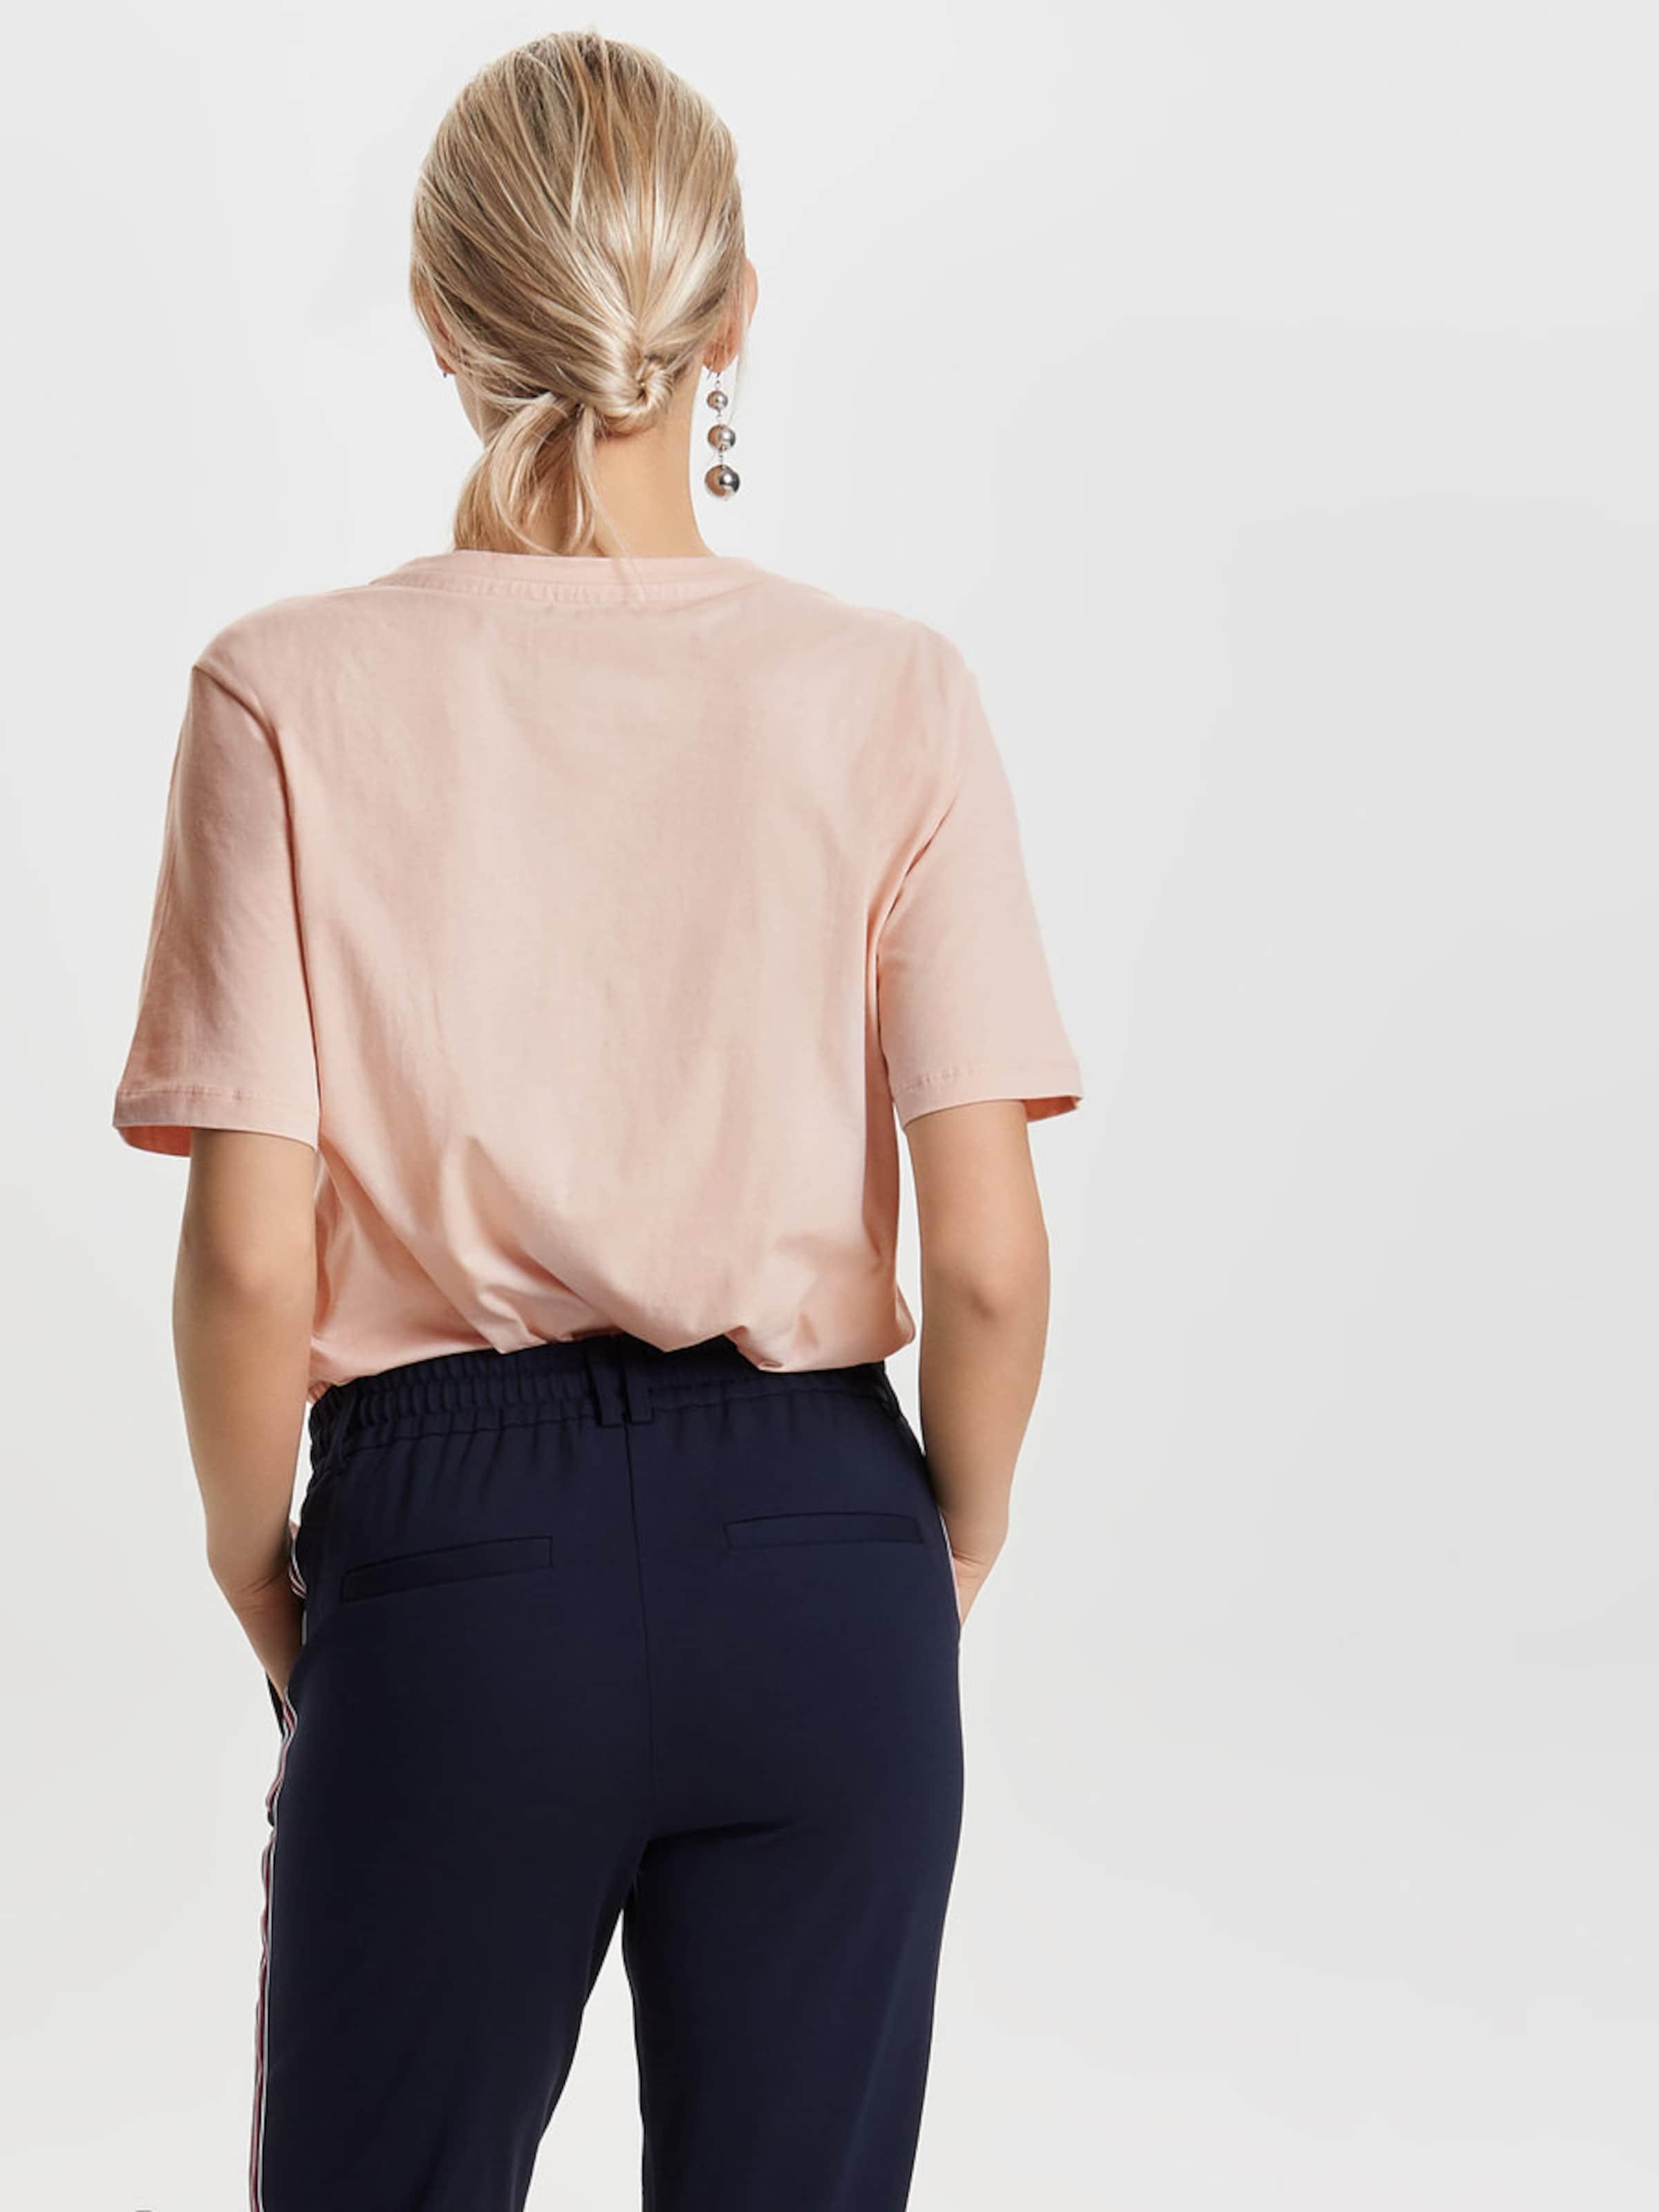 Spielraum Online Offizielle Seite Freies Verschiffen Nagelneues Unisex ONLY T-Shirt Print Eastbay Zum Verkauf Günstiger Preis Aus Deutschland Verkauf Versorgung hyY0N